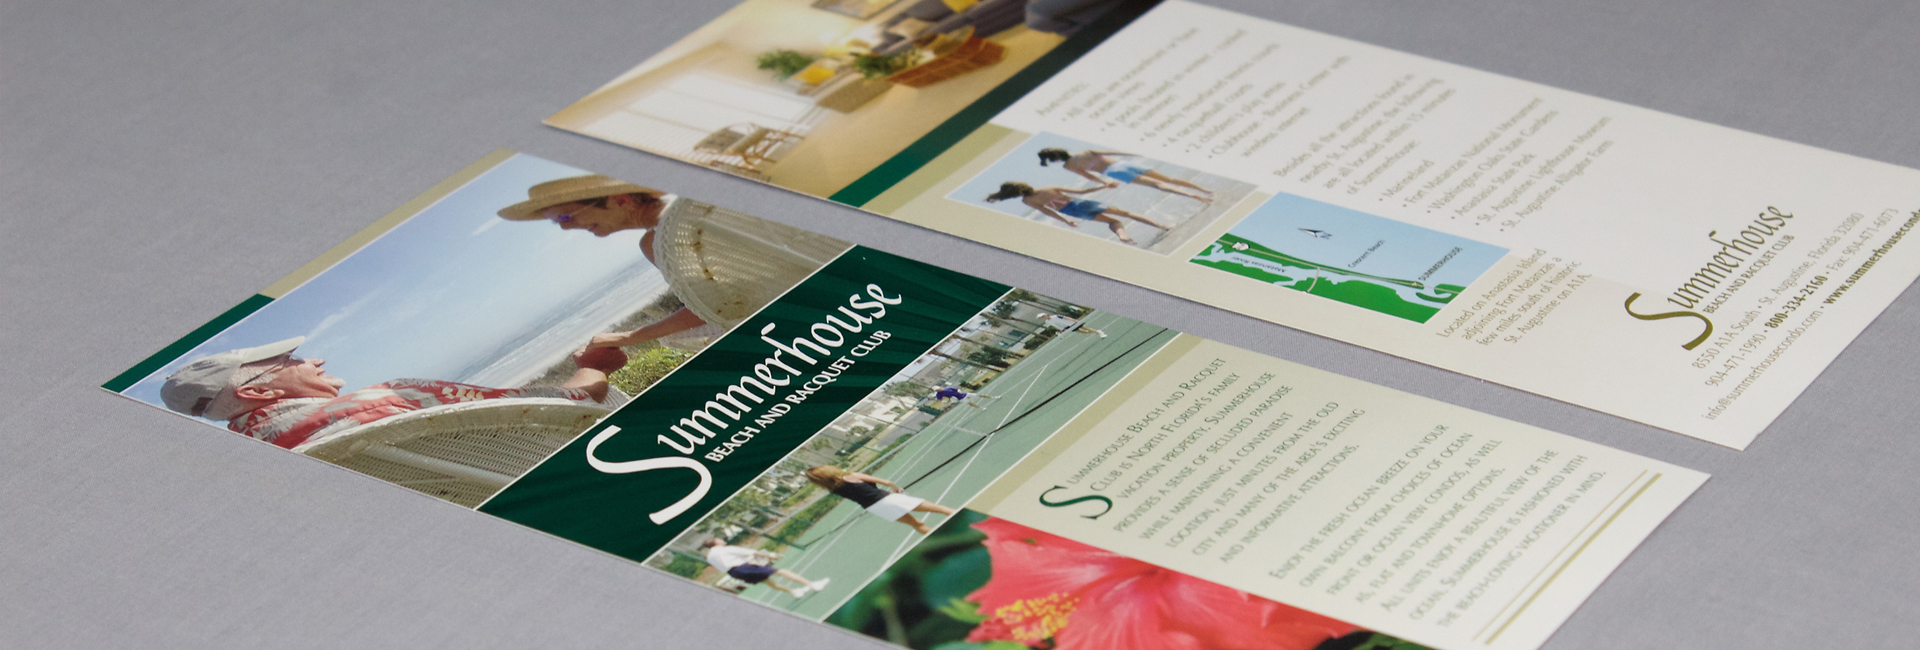 summerhouse-rackcard